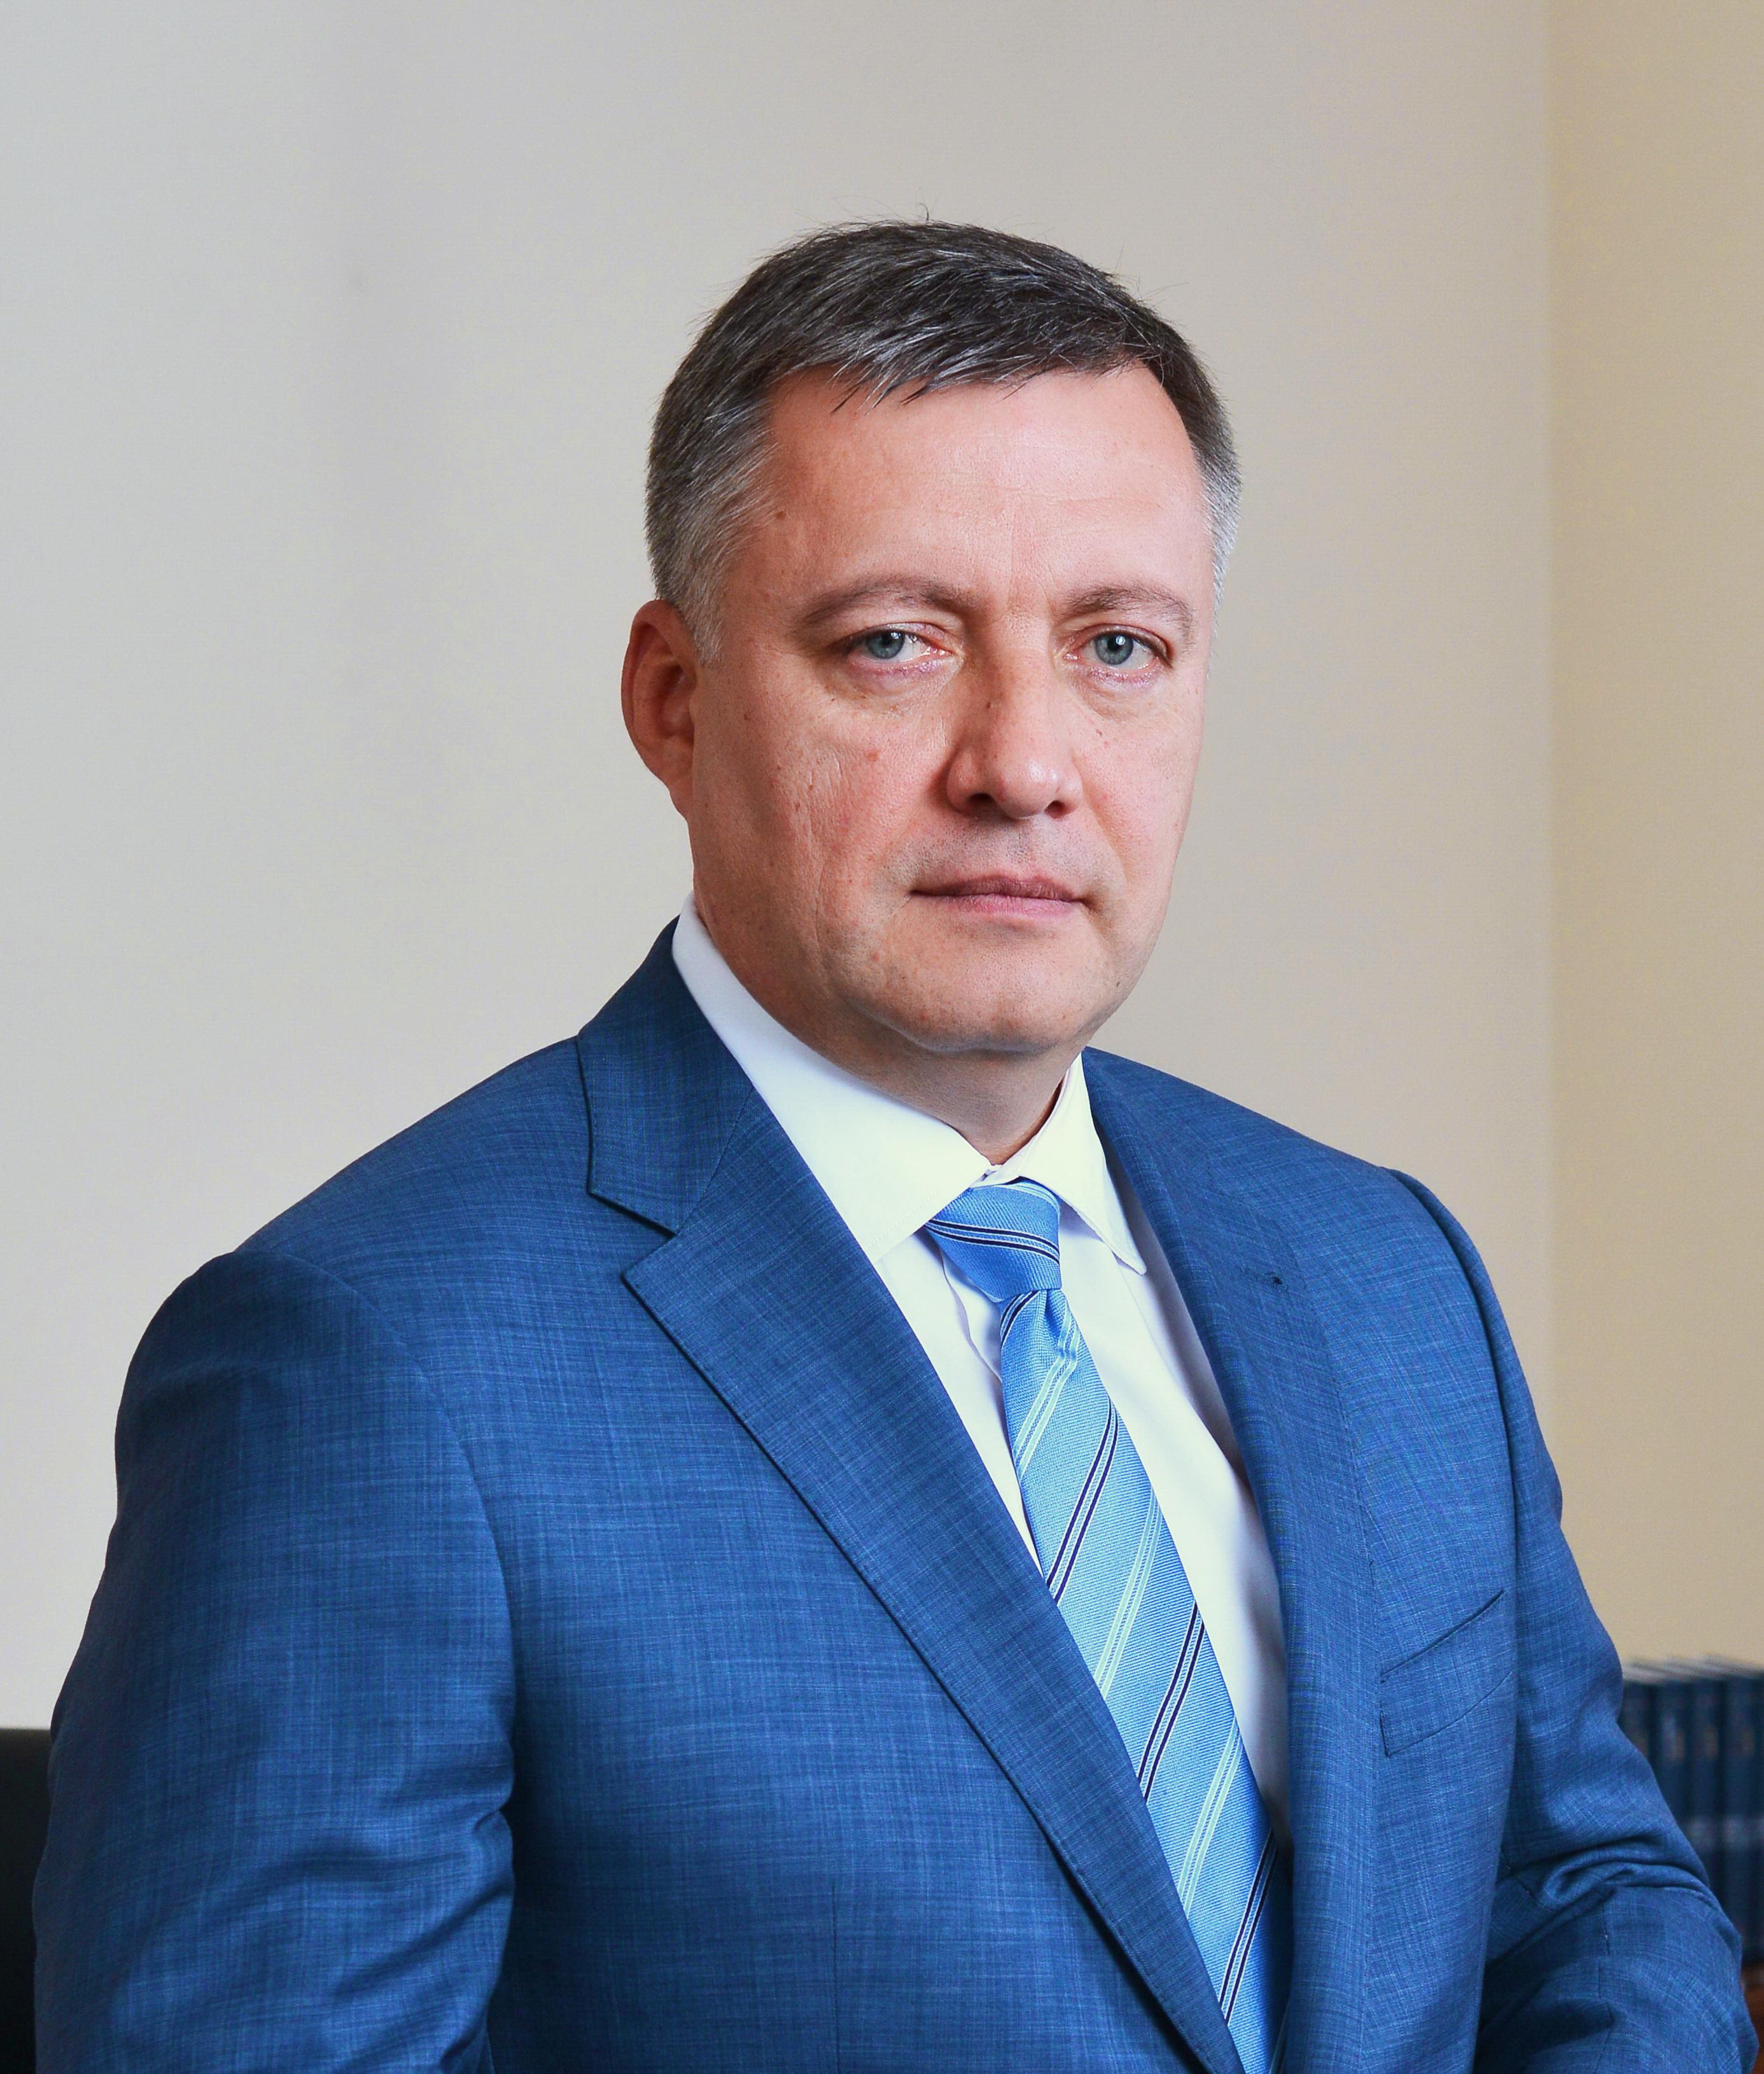 Игорь Кобзев: Для реализации мероприятий по организации отдыха и оздоровления детей на 2021 год предусмотрено 663,2 млн рублей